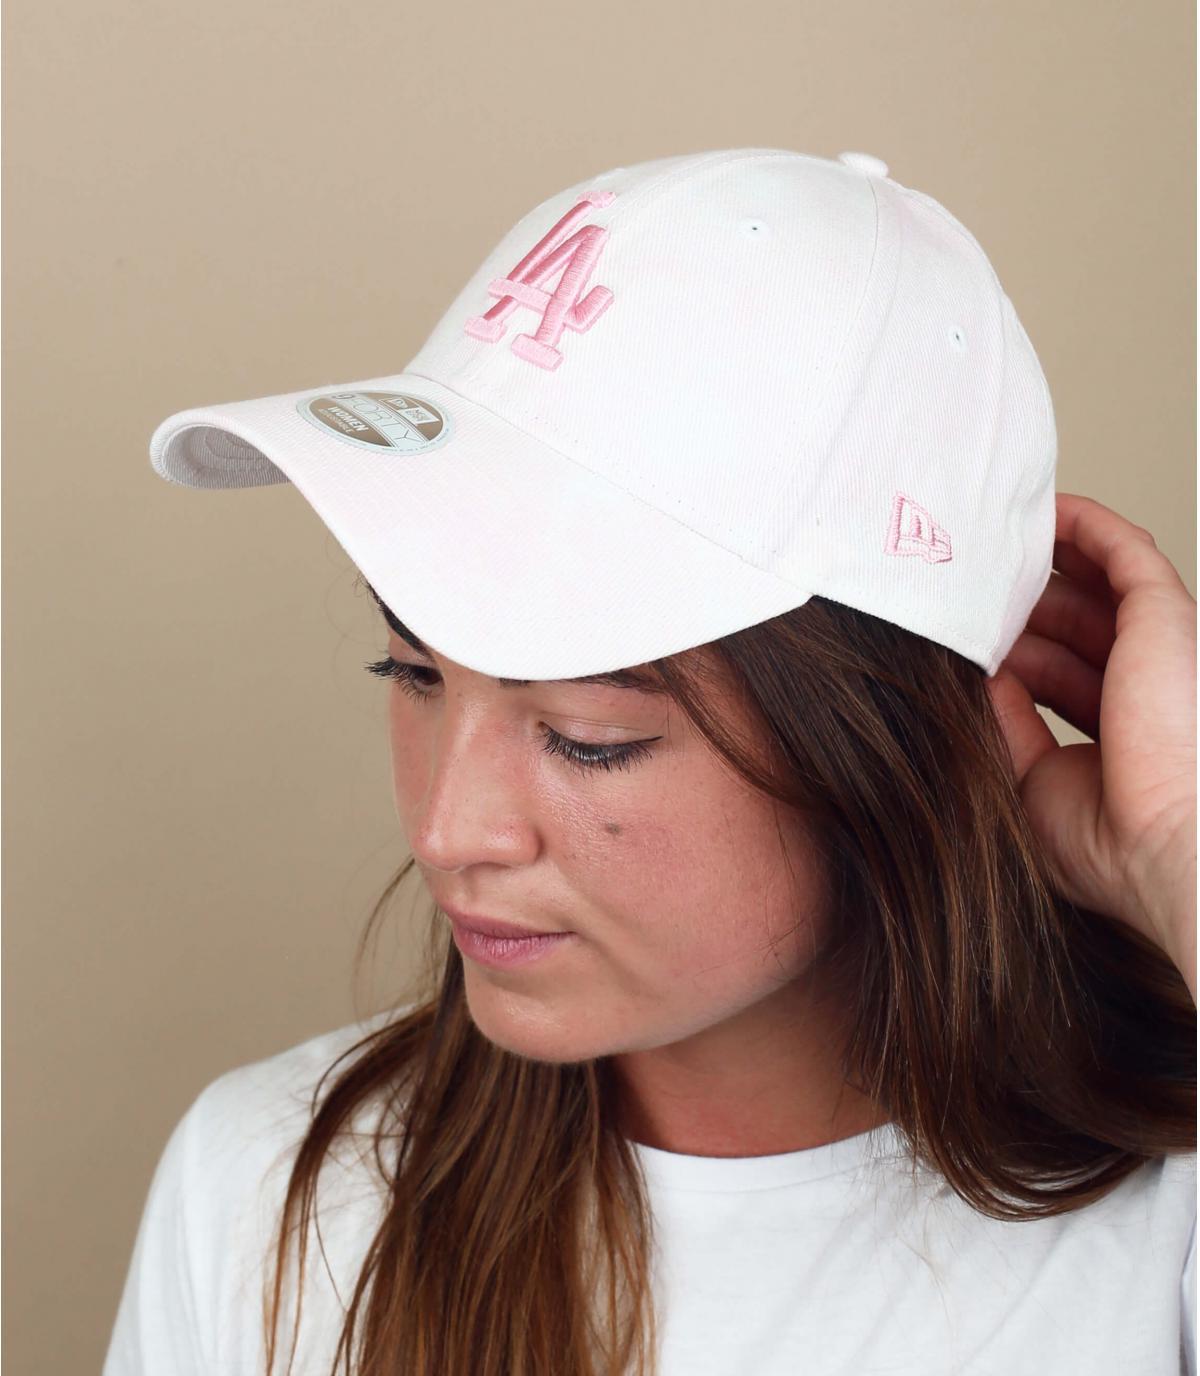 LA cap white pink